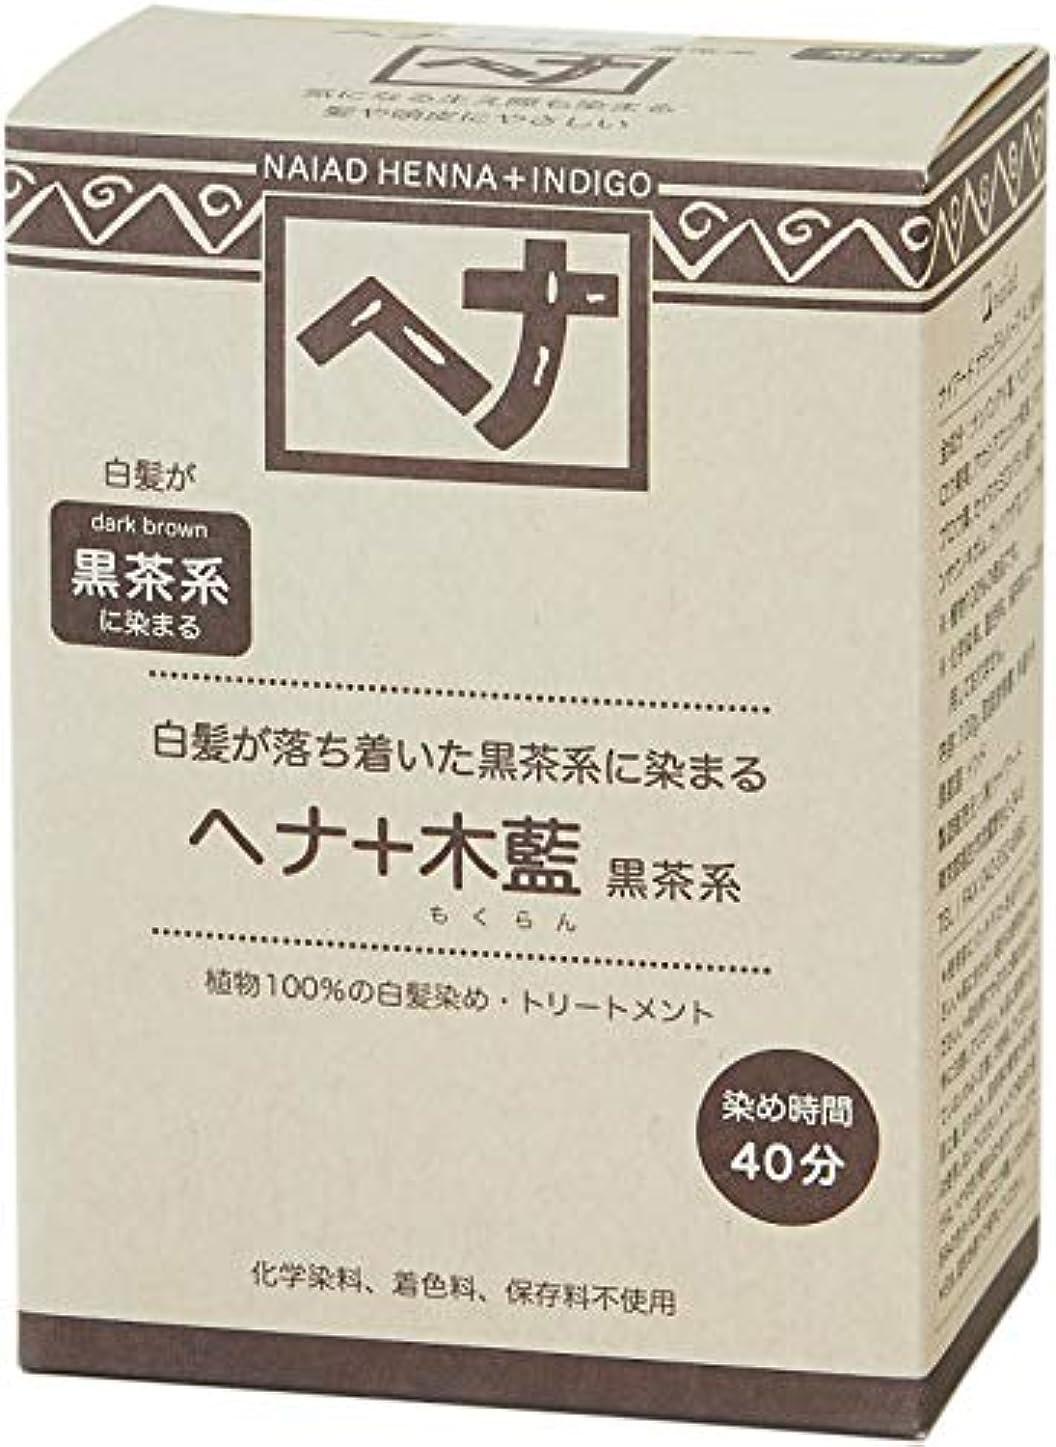 適性詳細な叫び声Naiad(ナイアード) ヘナ+木藍 黒茶系 100g